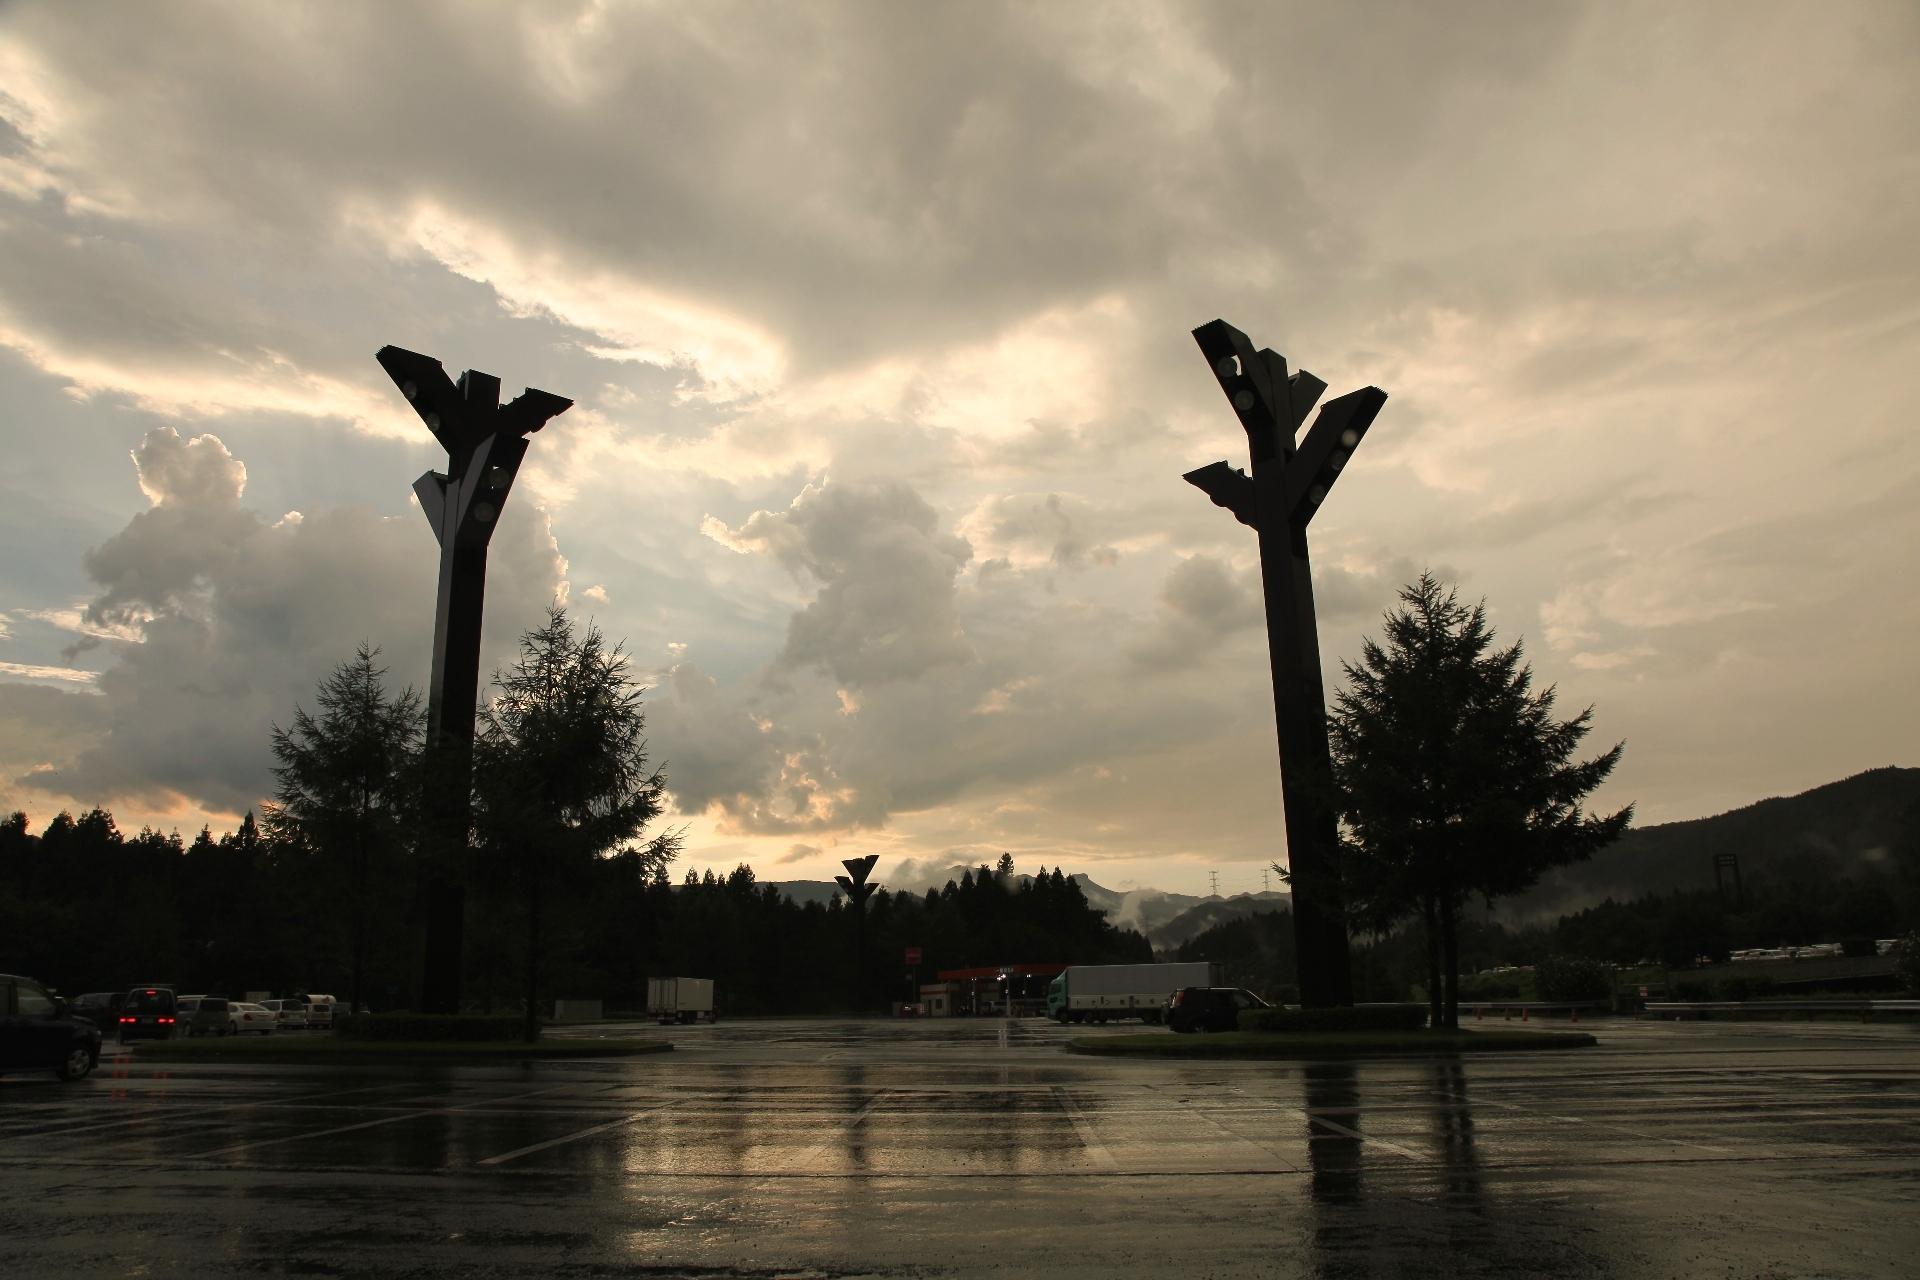 雨上がりの横川SA 群馬の風景